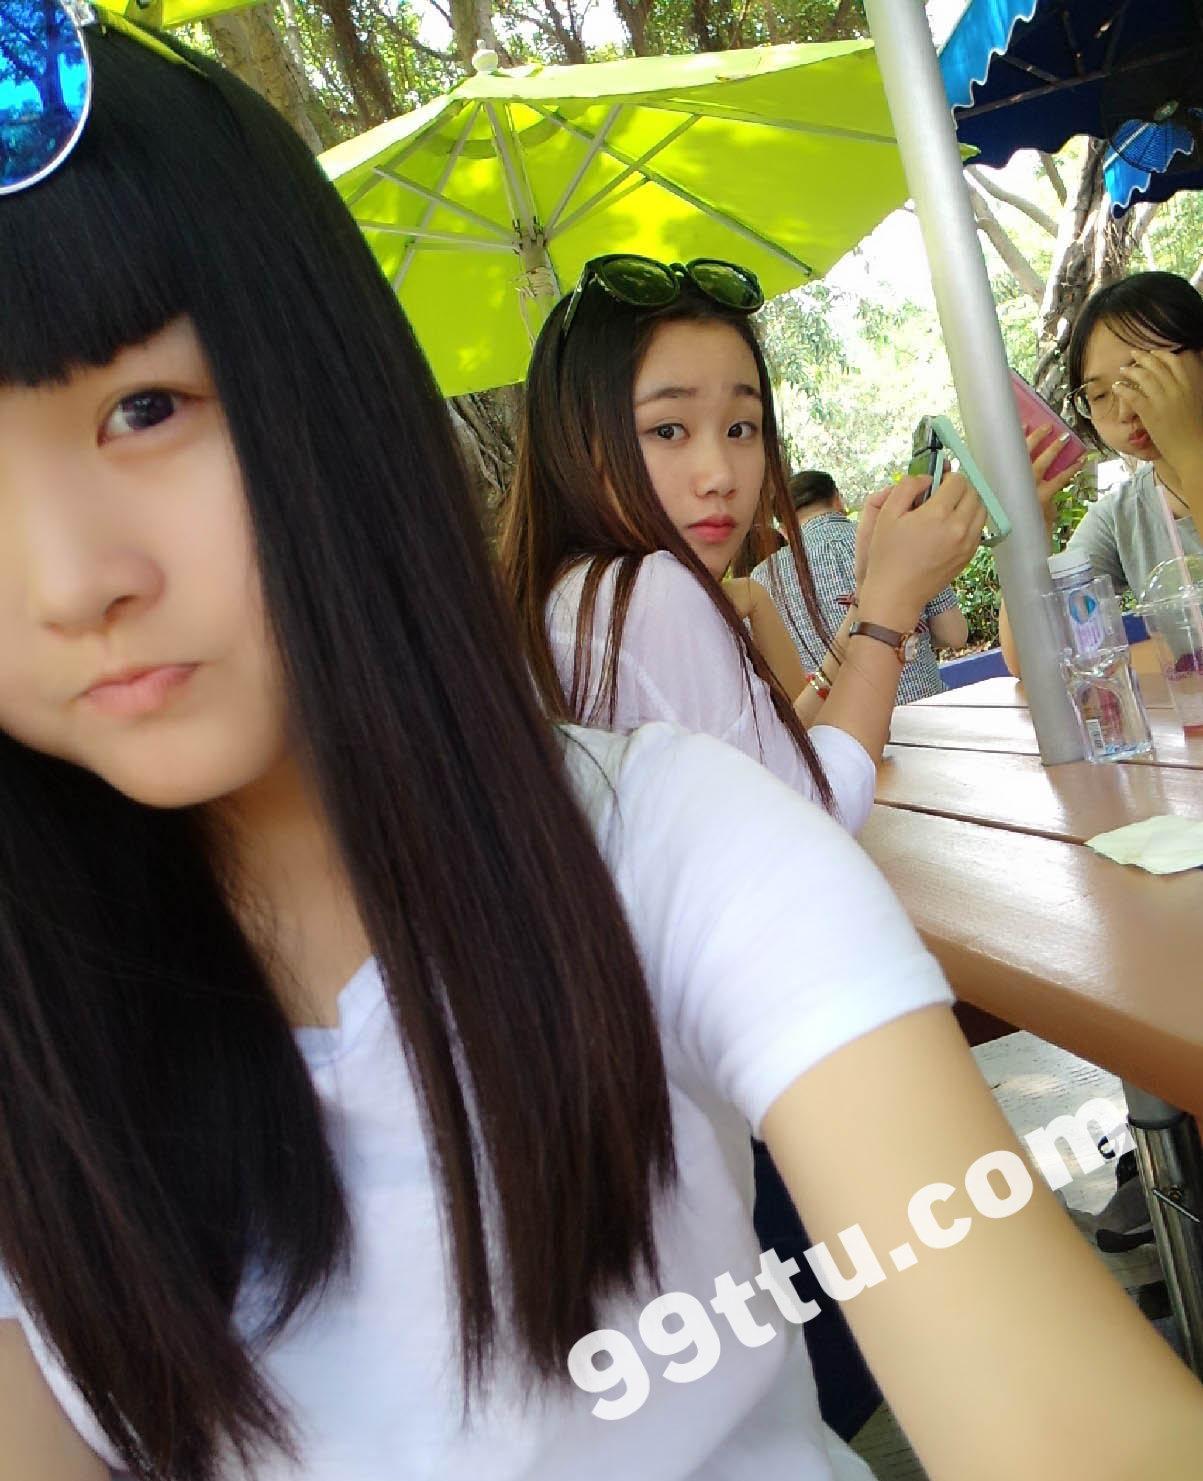 KK75_106张 超真实美女朋友圈生活照素材-2